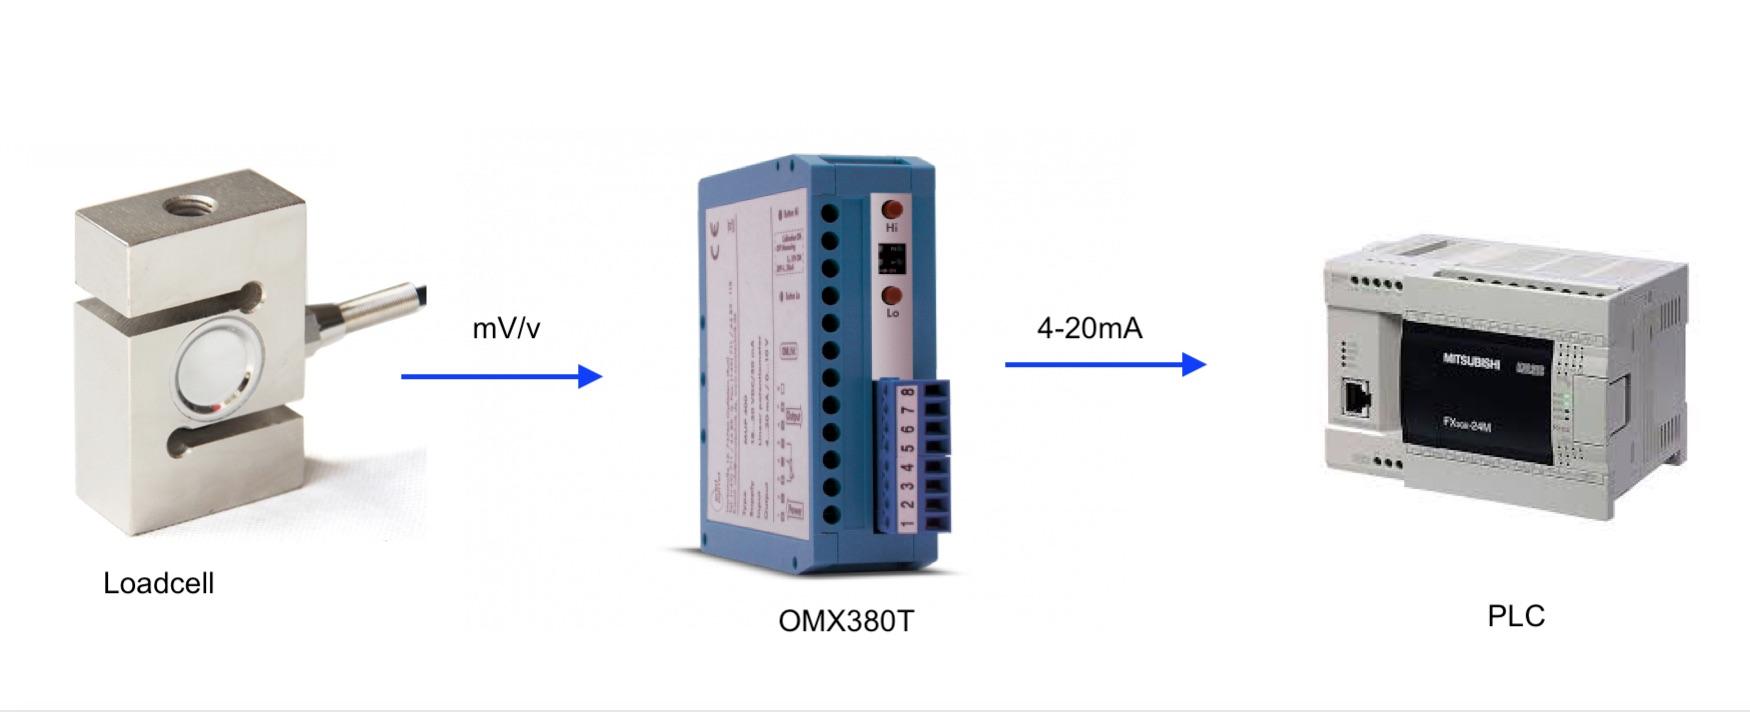 Ứng dụng bộ chuyển đổi loadcell sang 4-20mA